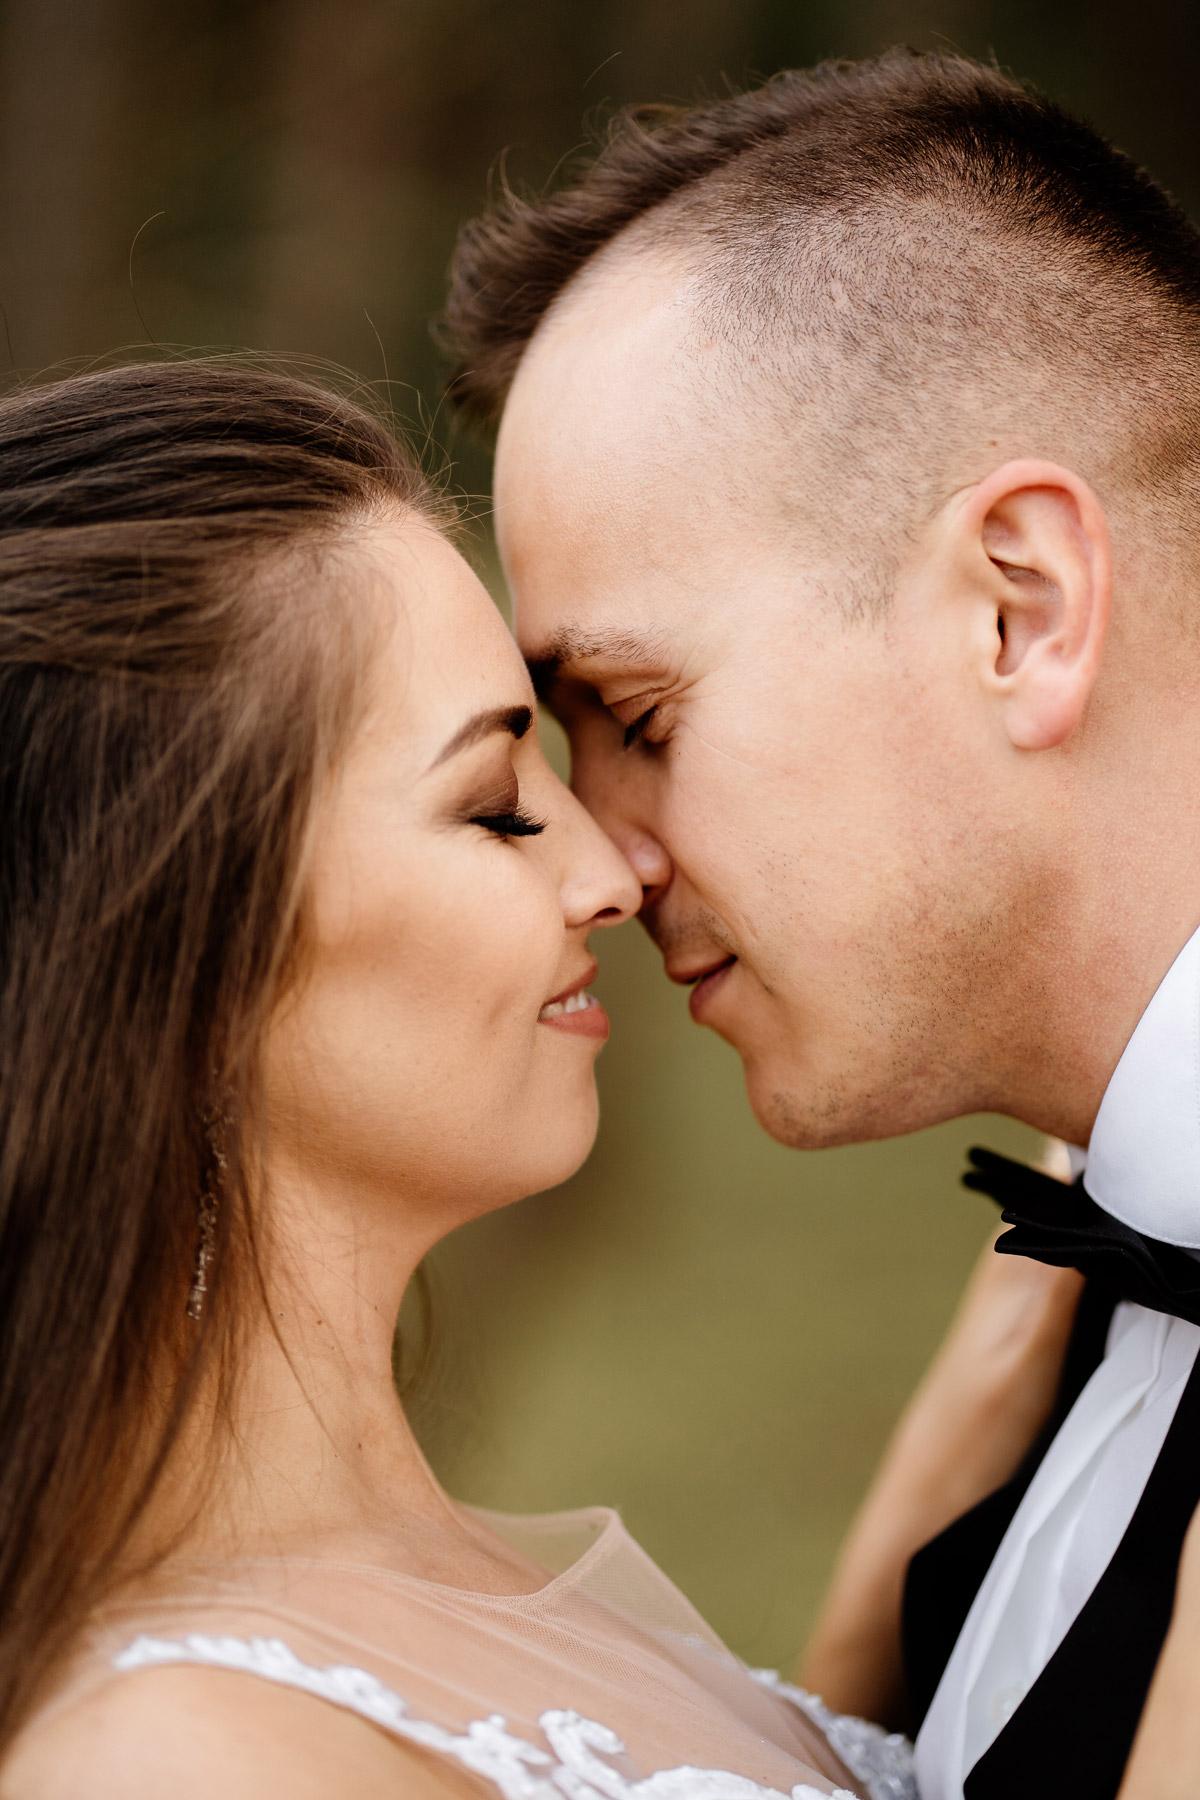 piękny portret pary młodej z bliska- najlepsza fotografia ślubna